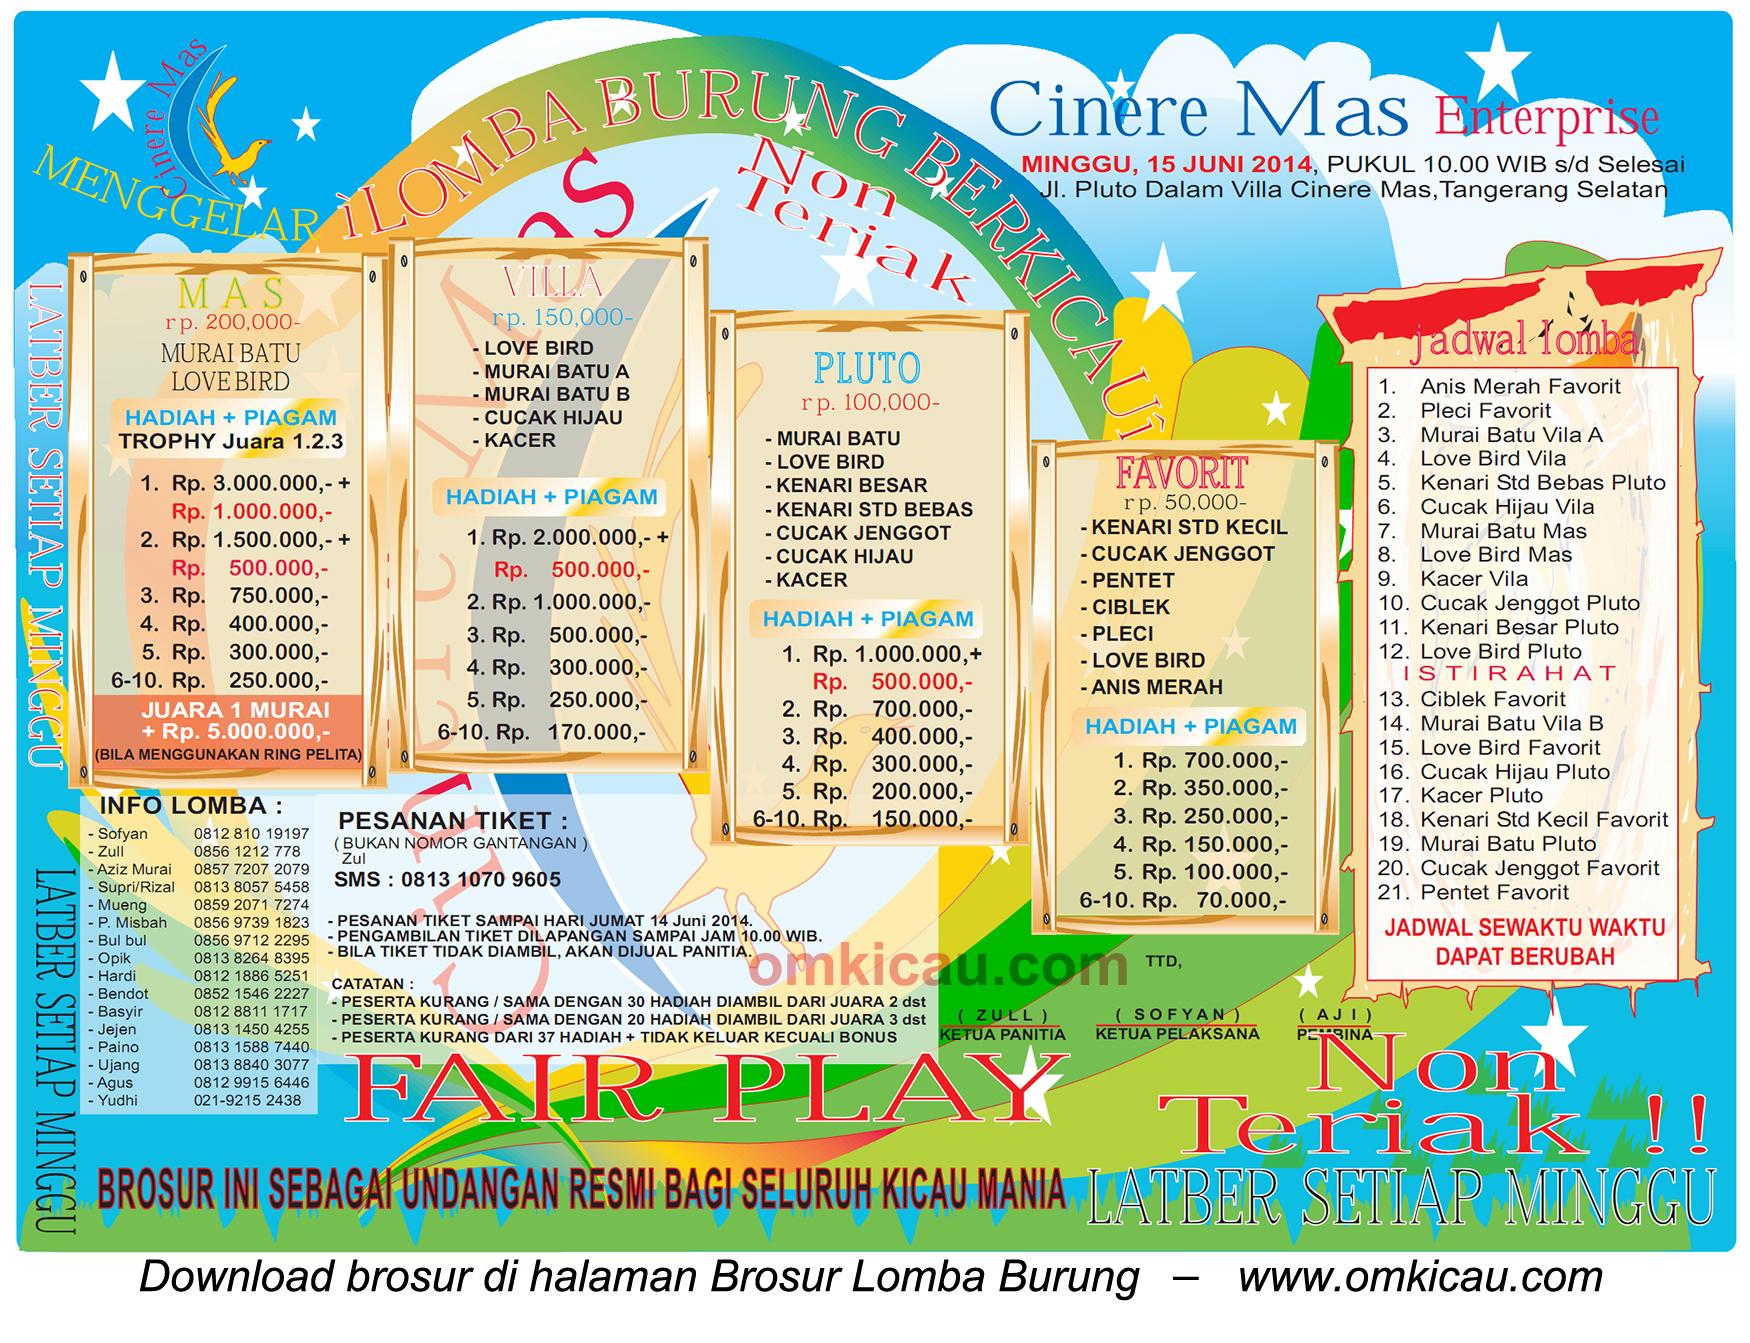 Brosur Lomba Burung Berkicau Cinere Mas Enterprise, Tangerang Selatan, 15 Juni 2014